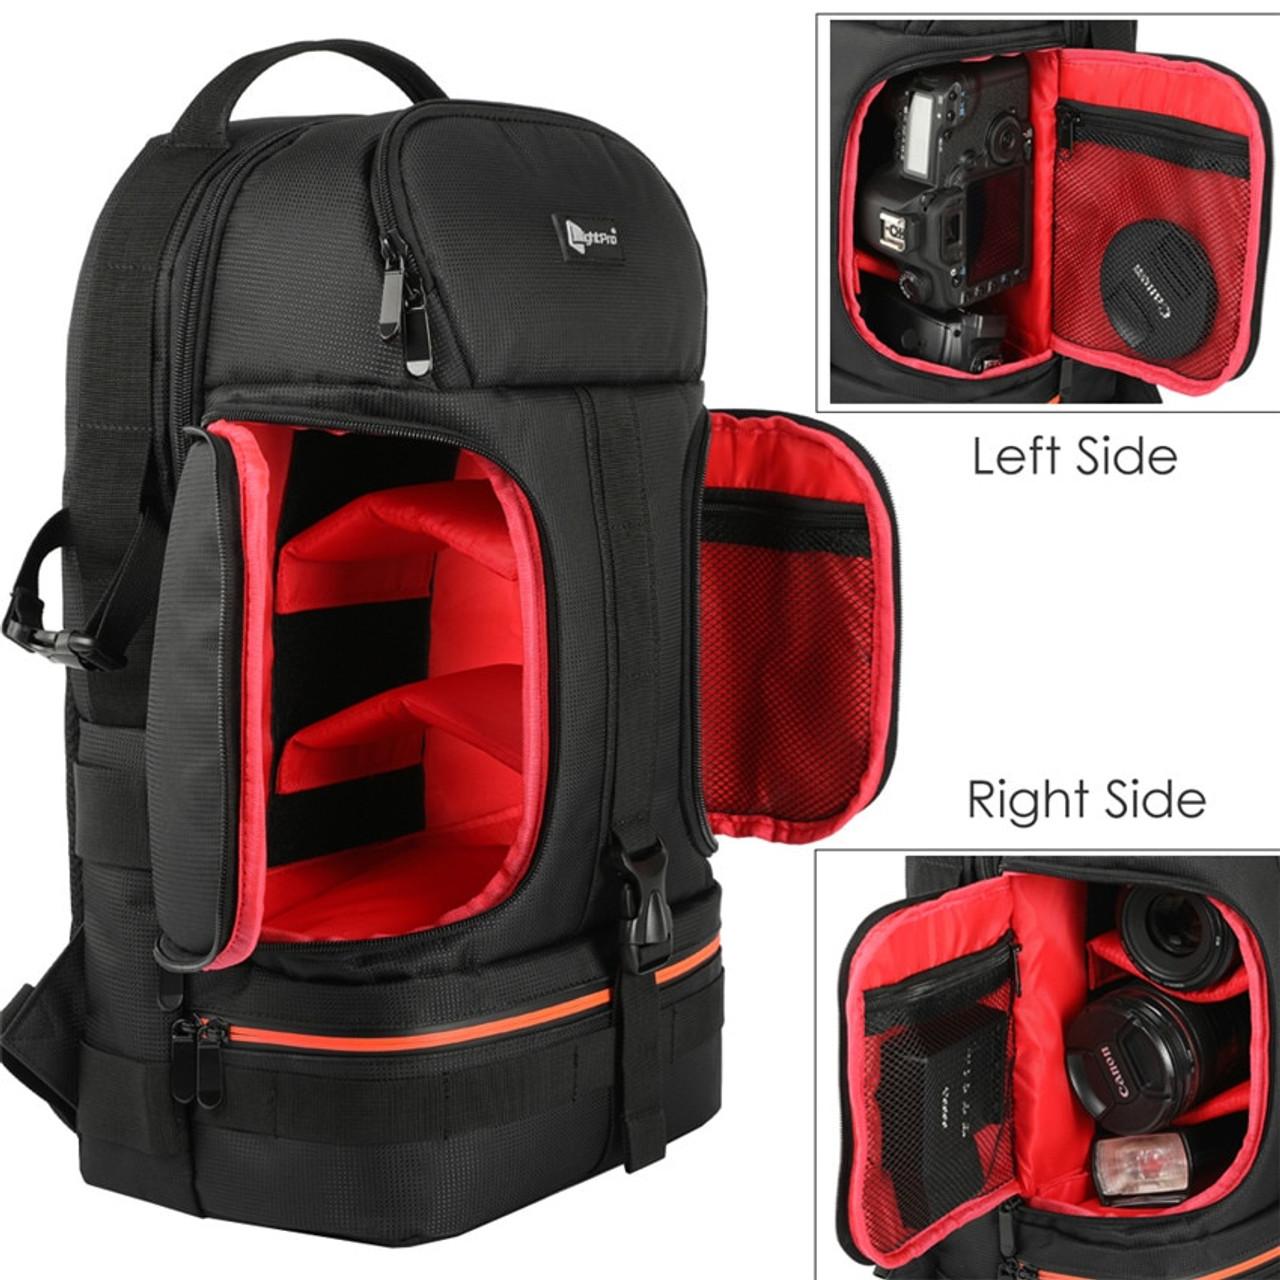 ... DSLR Waterproof Shockproof Shoulders Camera Backpack Tripod Case w   Reflector Stripe fit 15.6 in Laptop ... c71c2b0fe8ec8